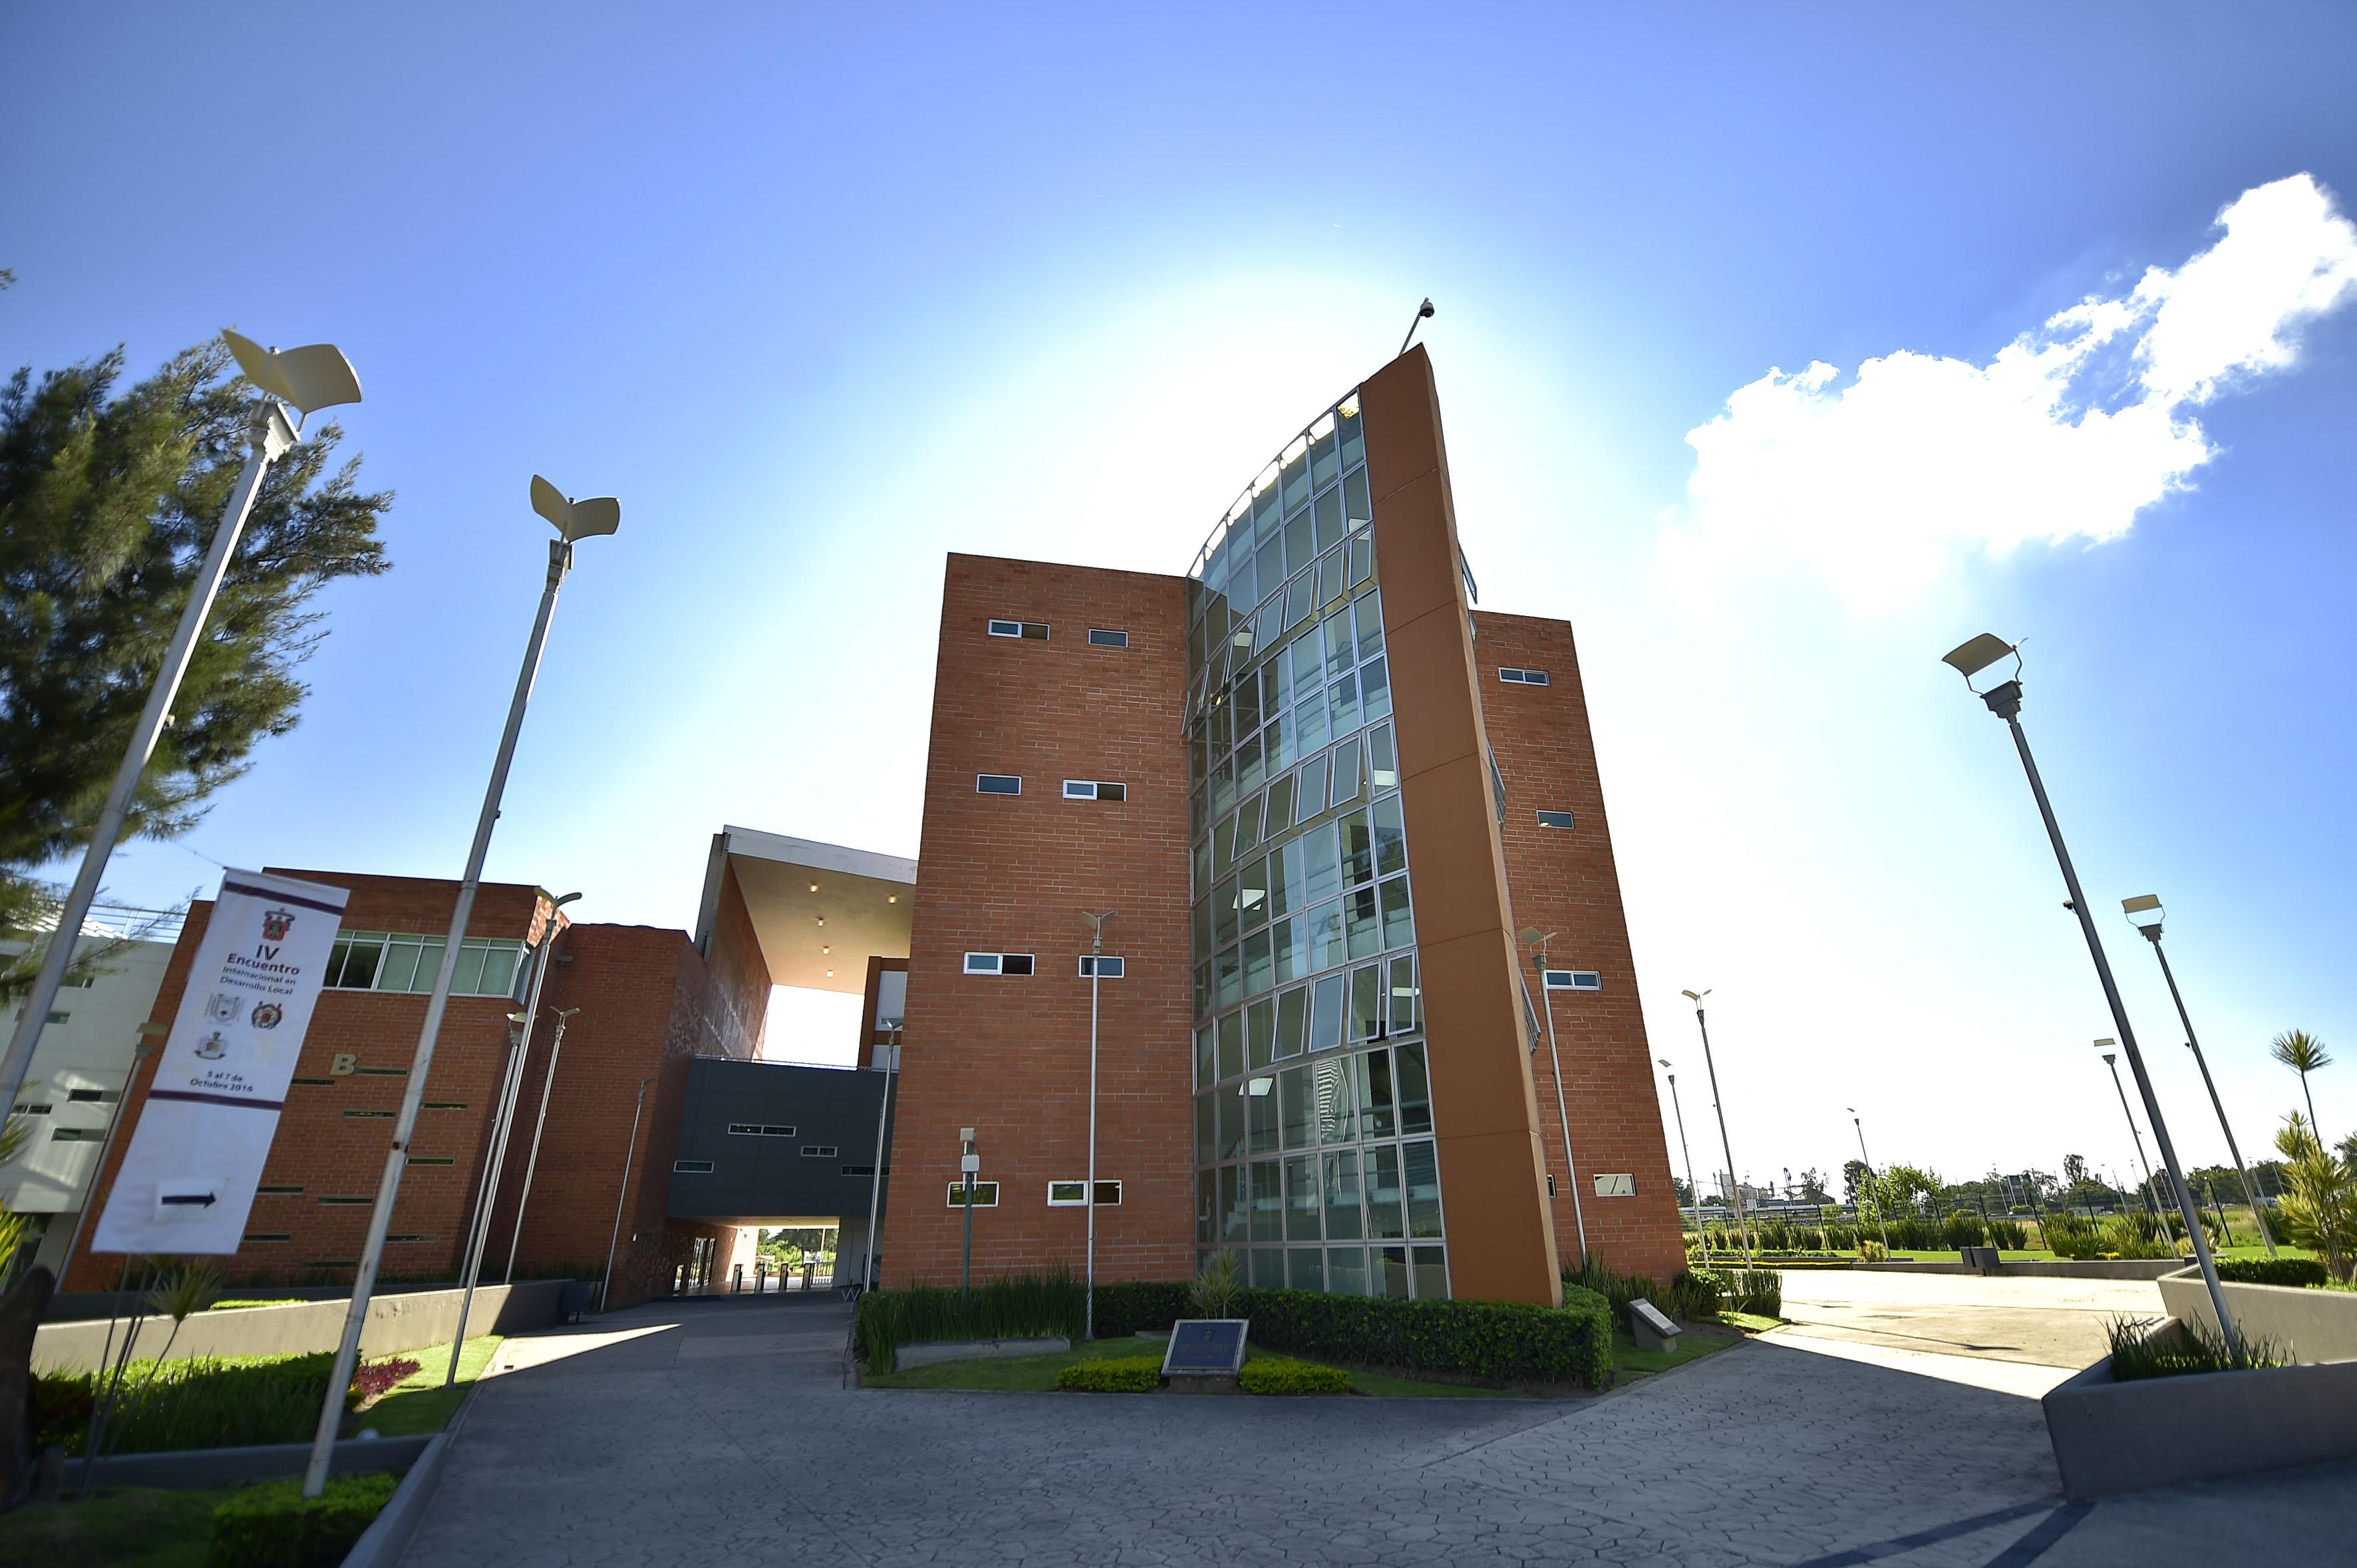 Fachada del Centro Universitario de Ciencias Sociales y Humanidades, campus Belenes